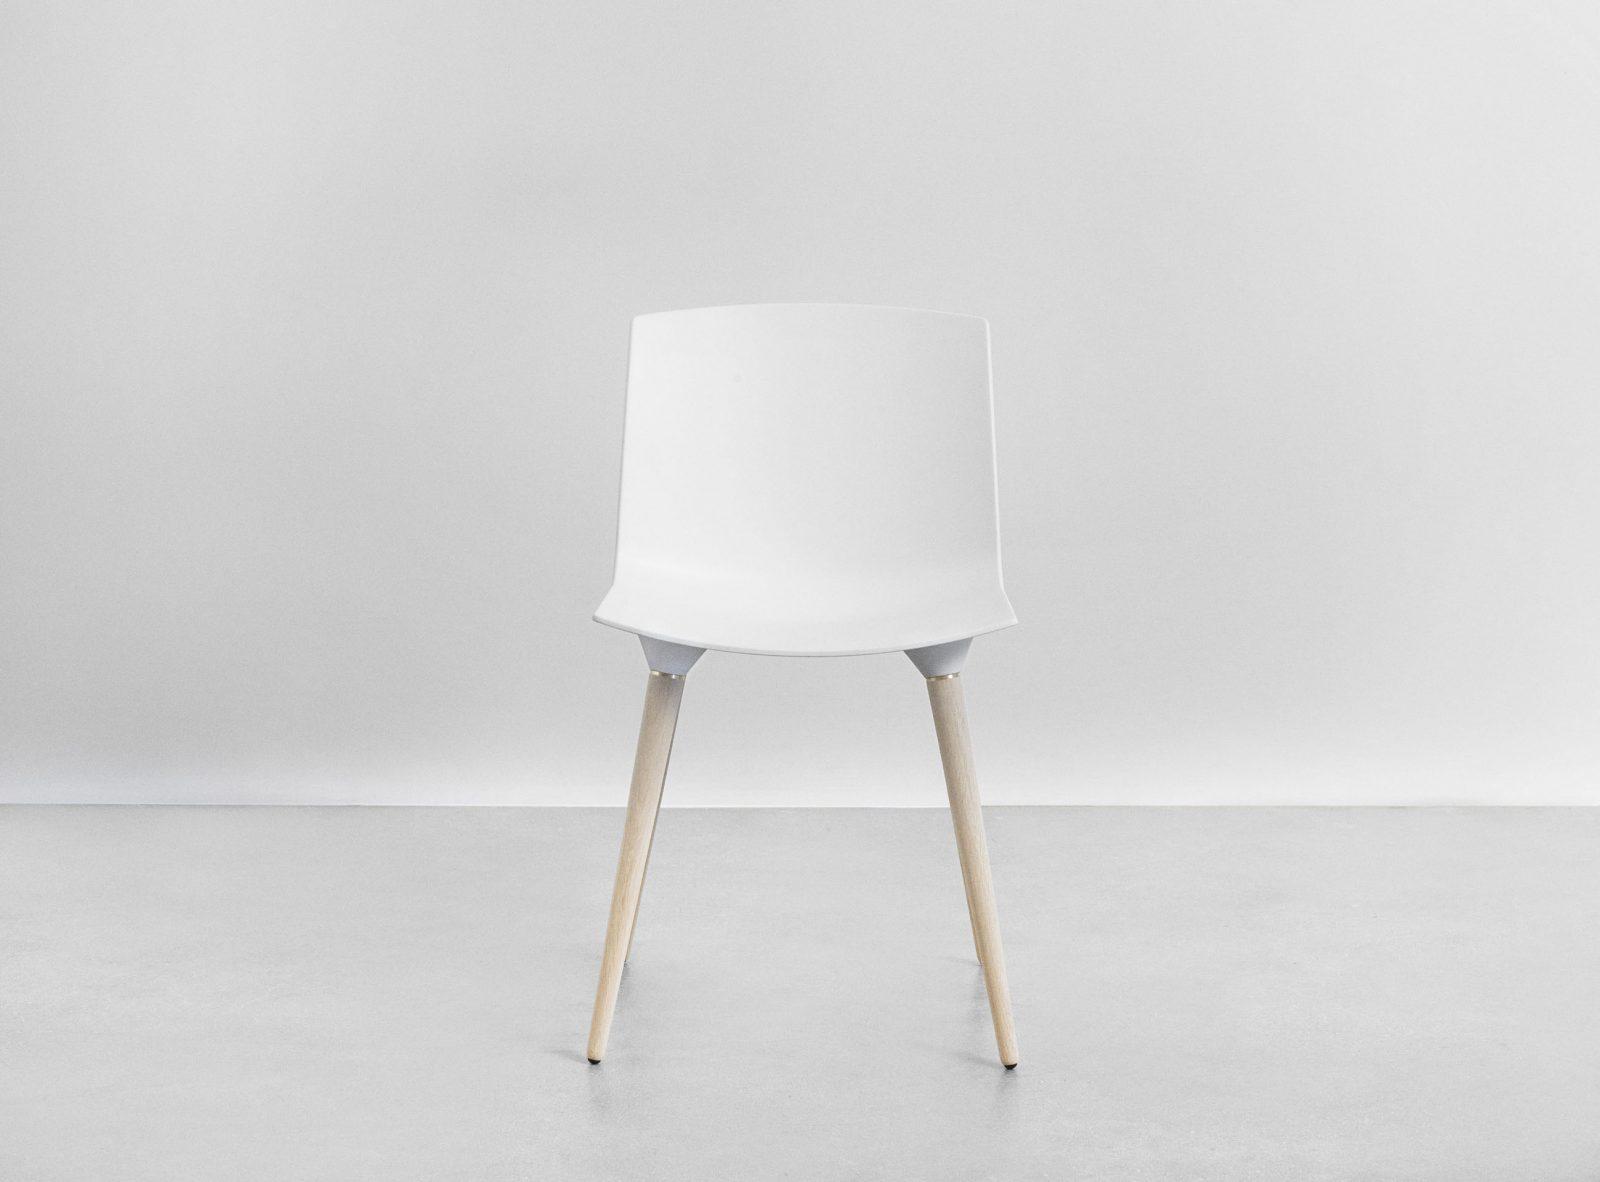 andersen furniture tac stuhl plastik nordic urban berlin. Black Bedroom Furniture Sets. Home Design Ideas